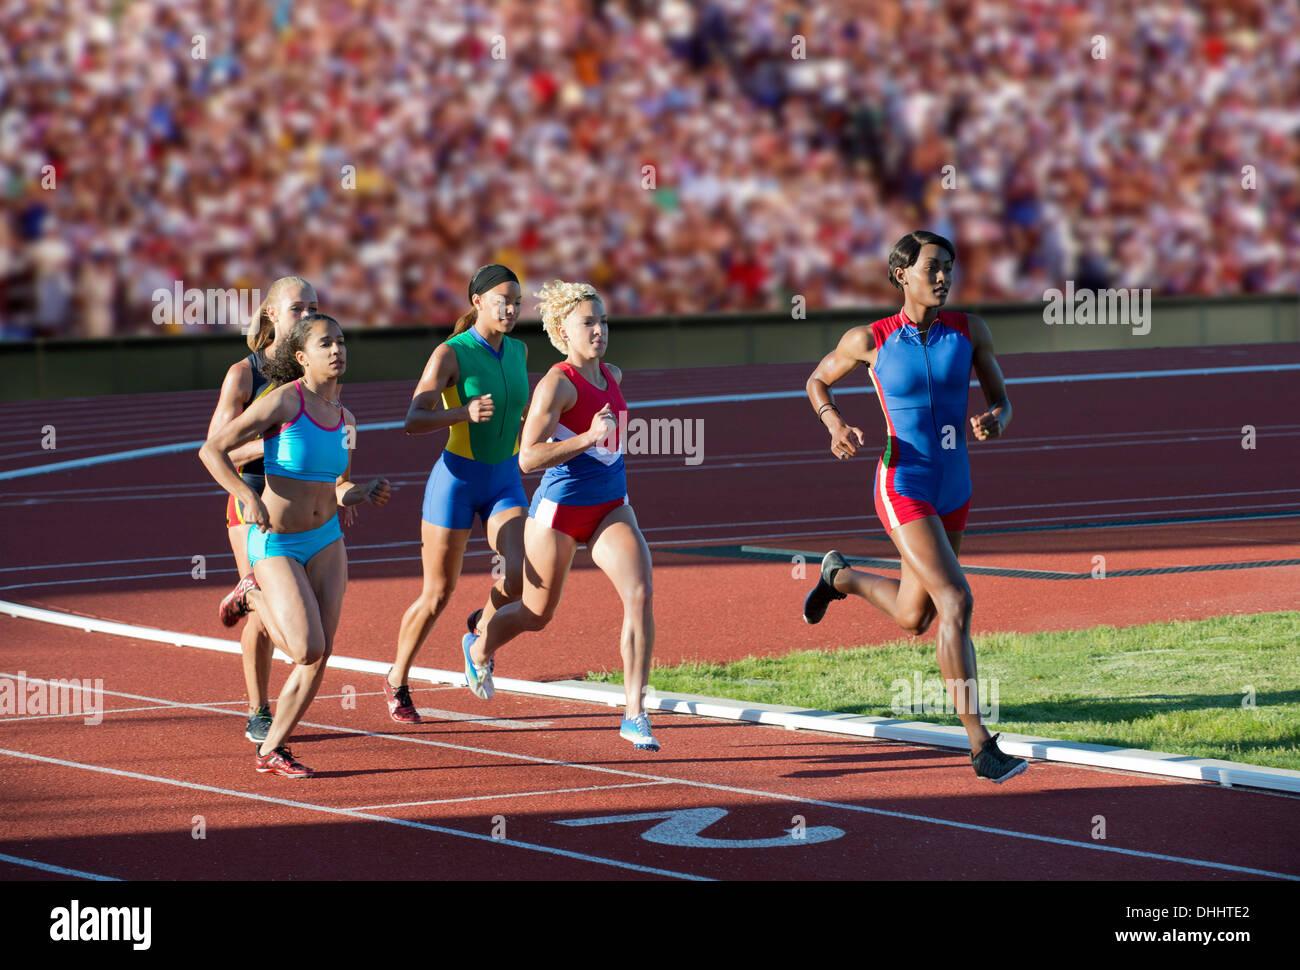 Läufer, die Rennen auf dem richtigen Weg Stockbild